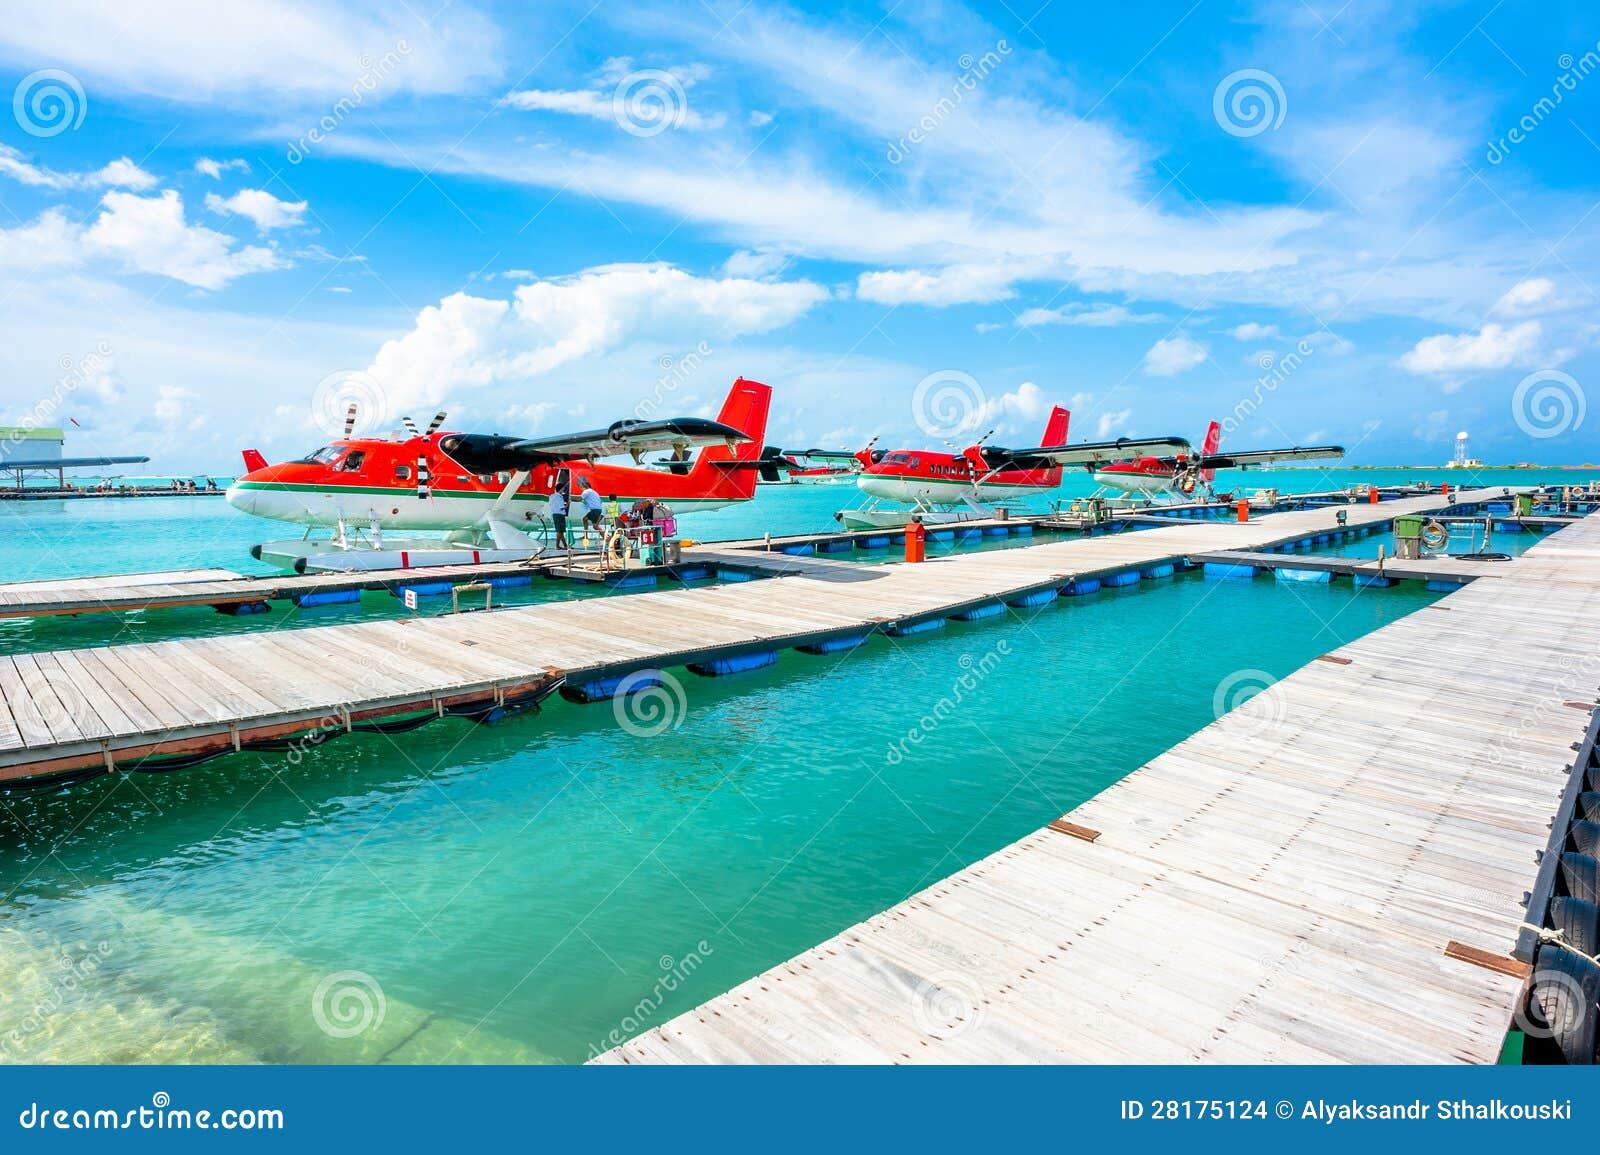 水上飞机在男性机场,马尔代夫